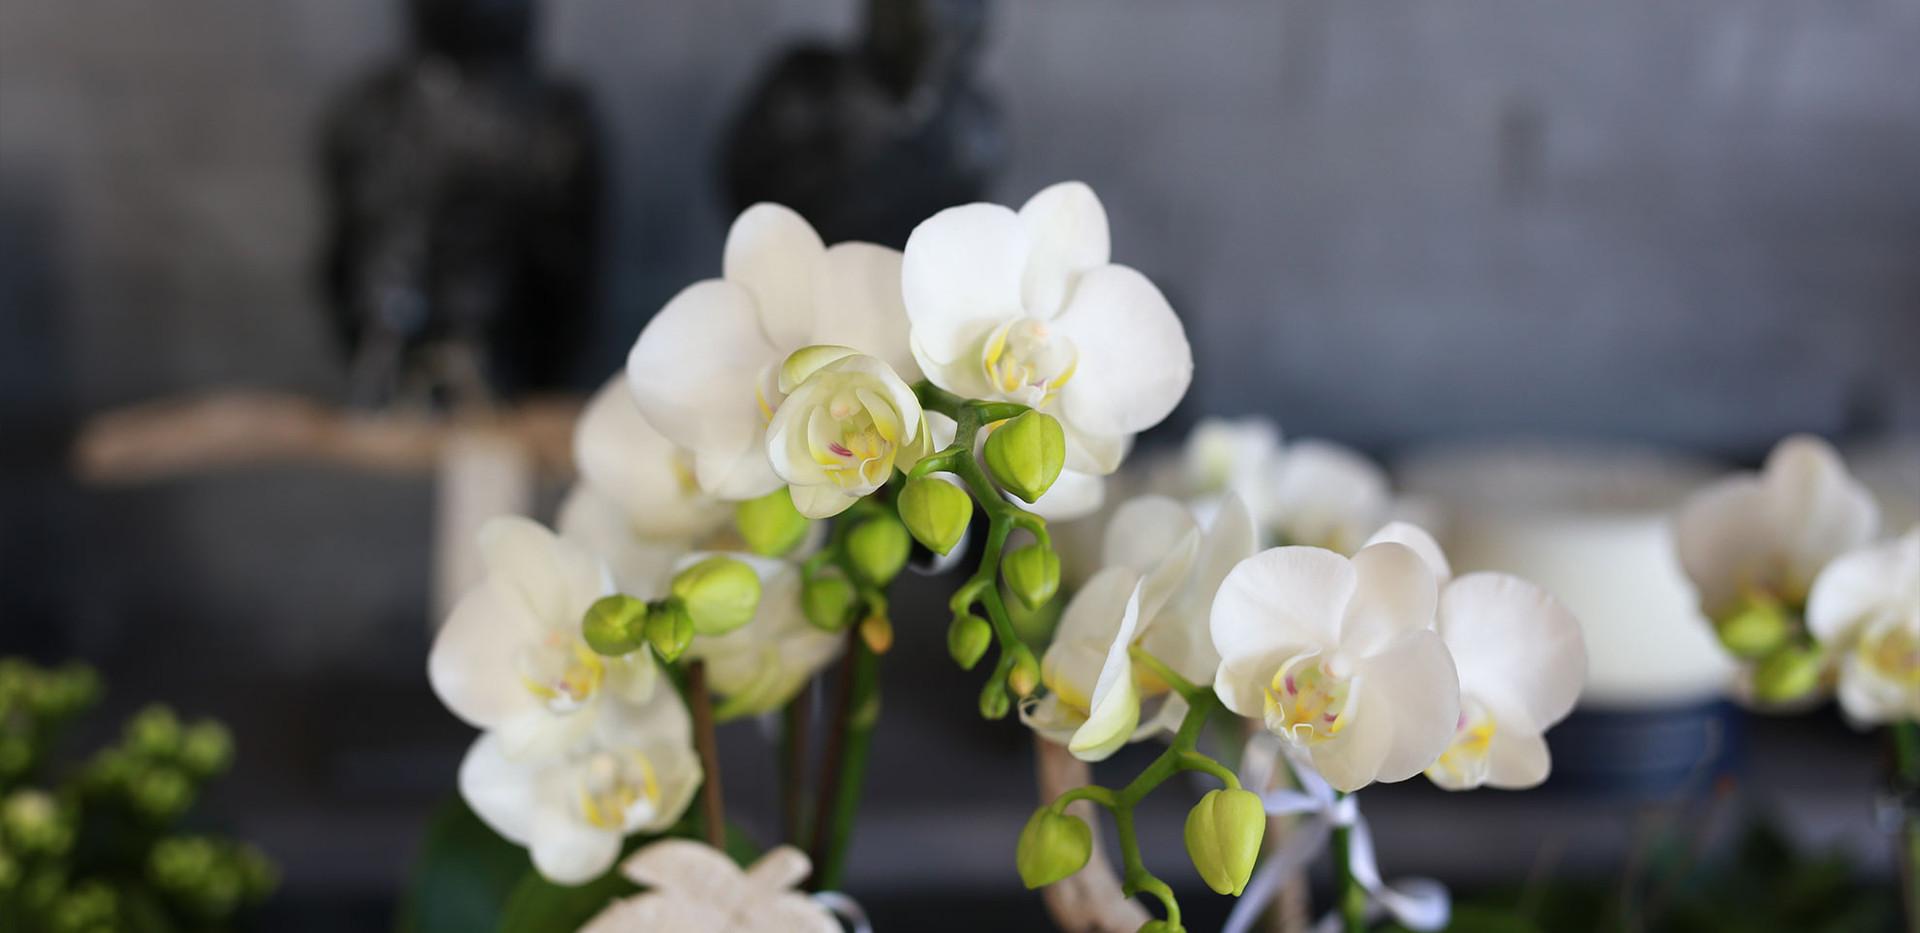 Blumen-perlen-Samstagern3.jpg